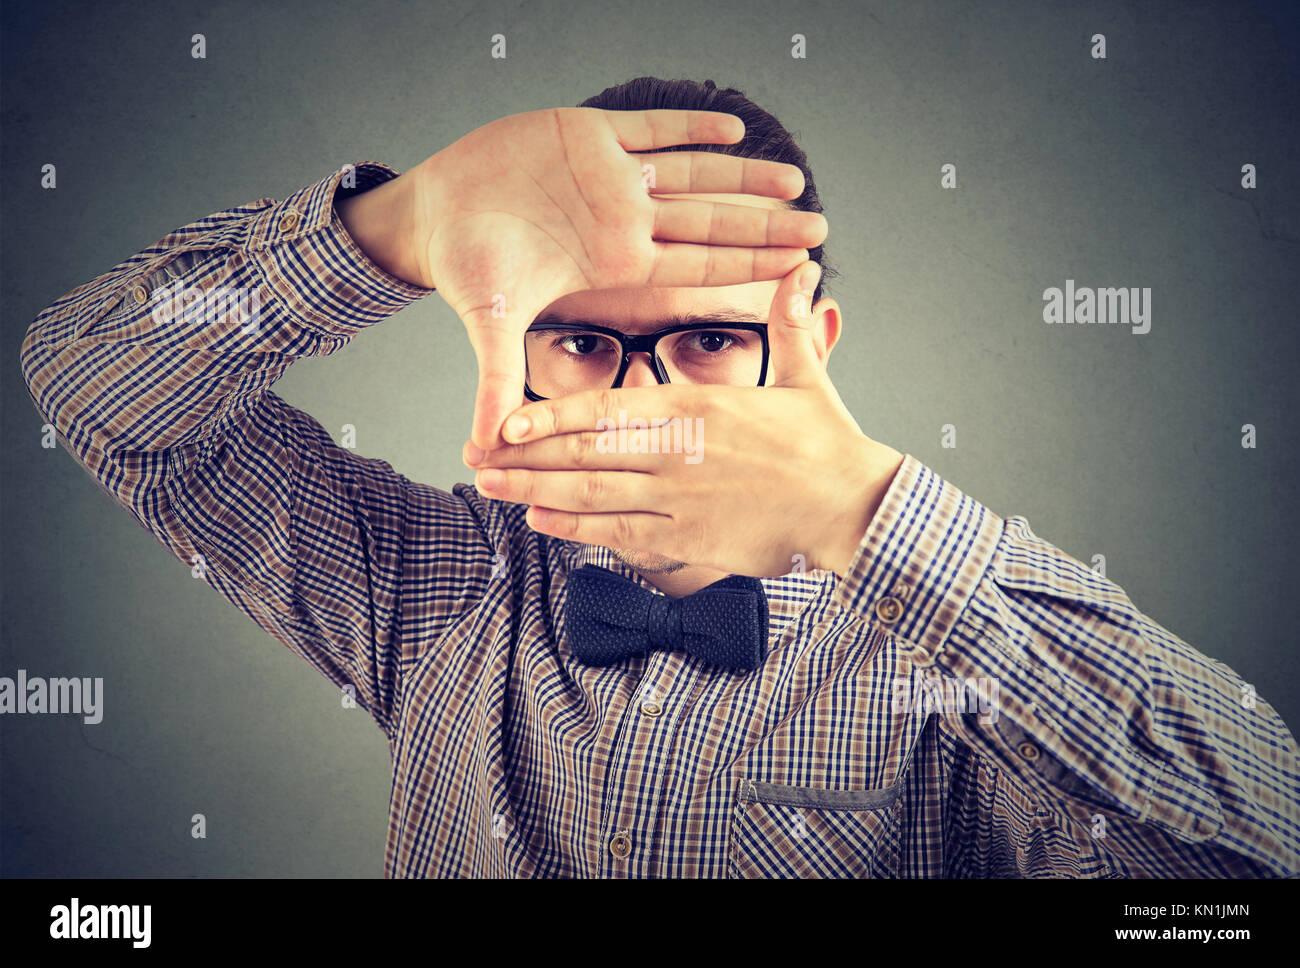 Homme sérieux faire un cadre avec ses mains looking at camera Photo Stock